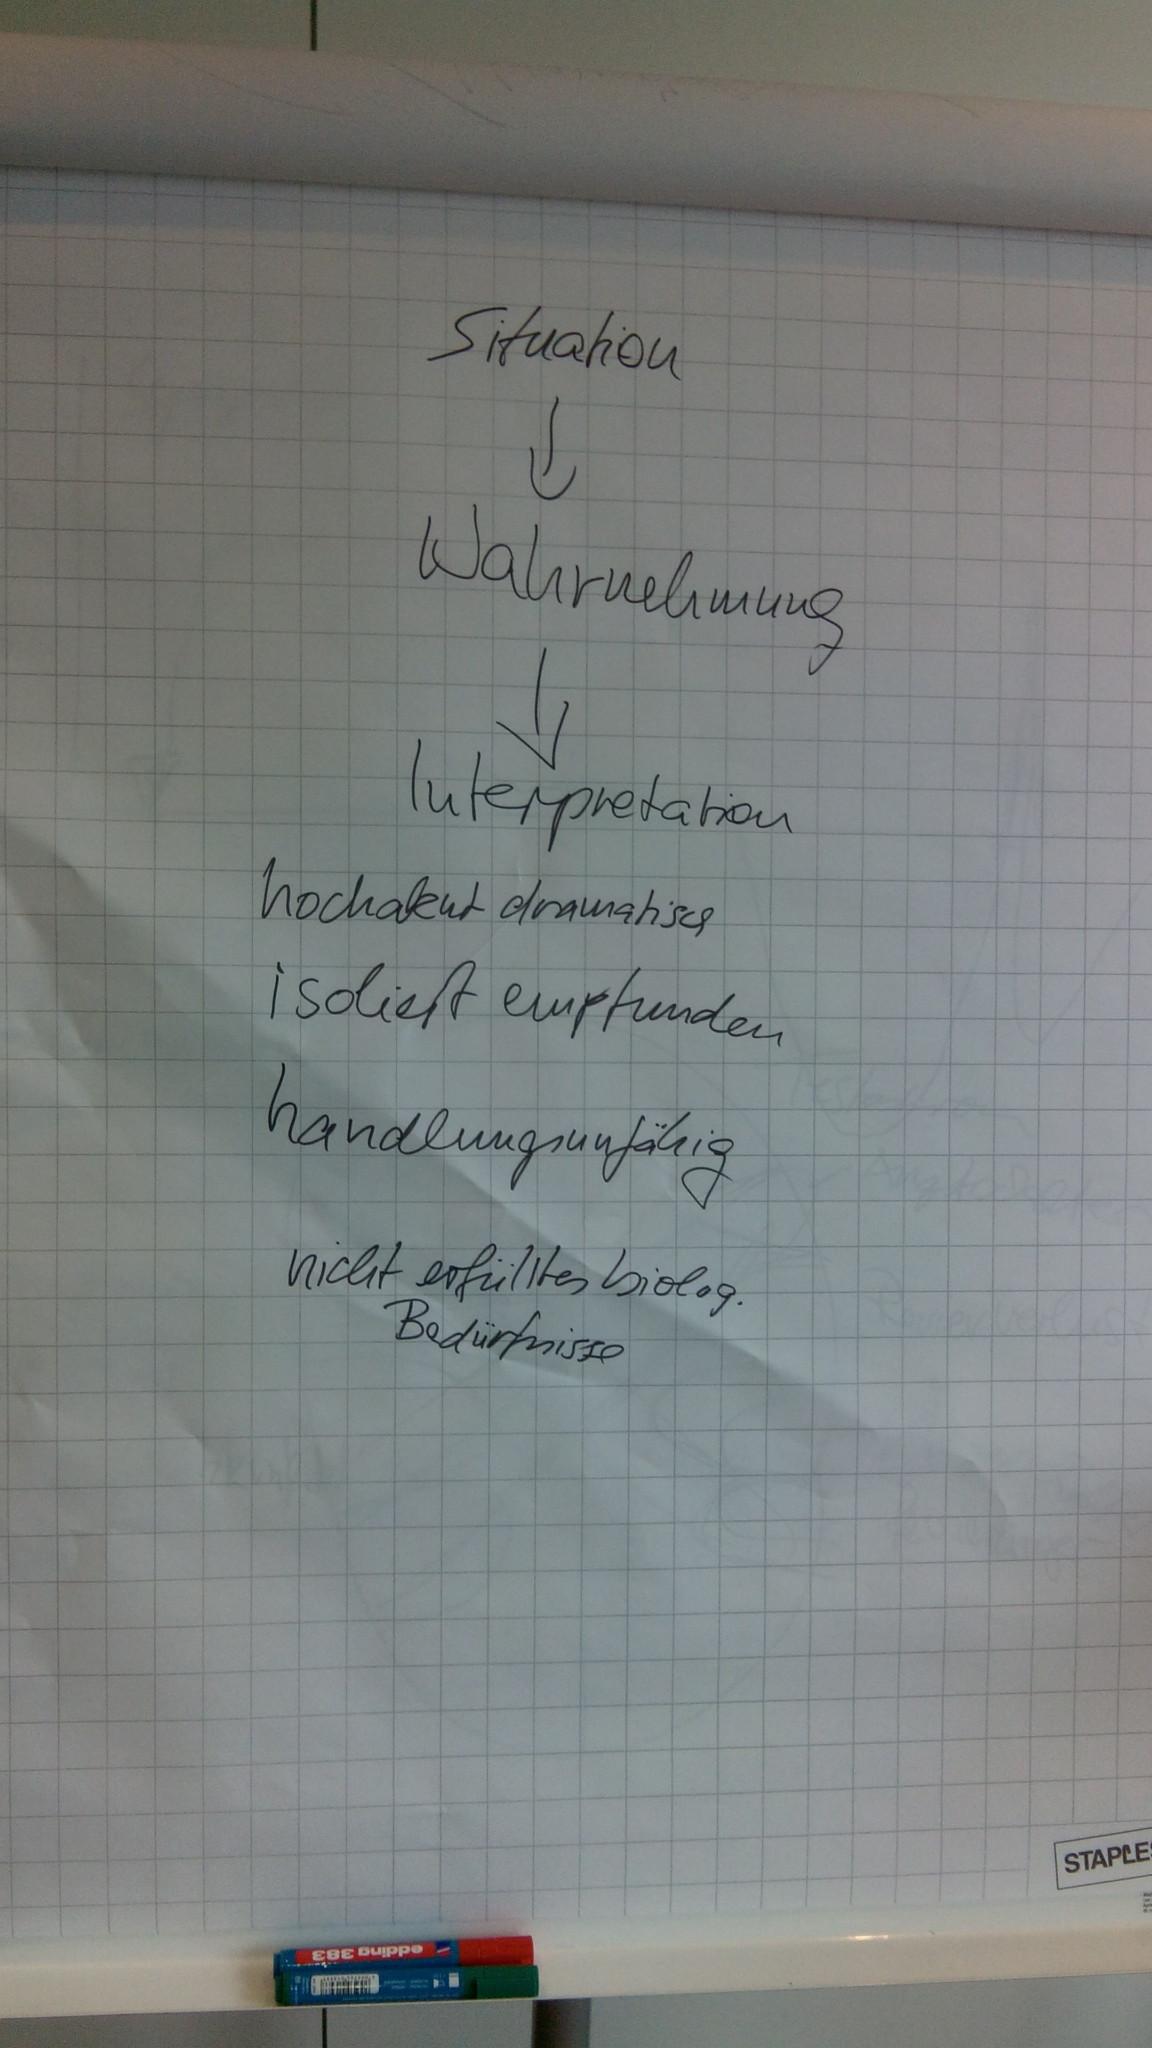 Bild 3 aus Keine Angst vorm Trauma vom 8. Hamburger Mentoringtag